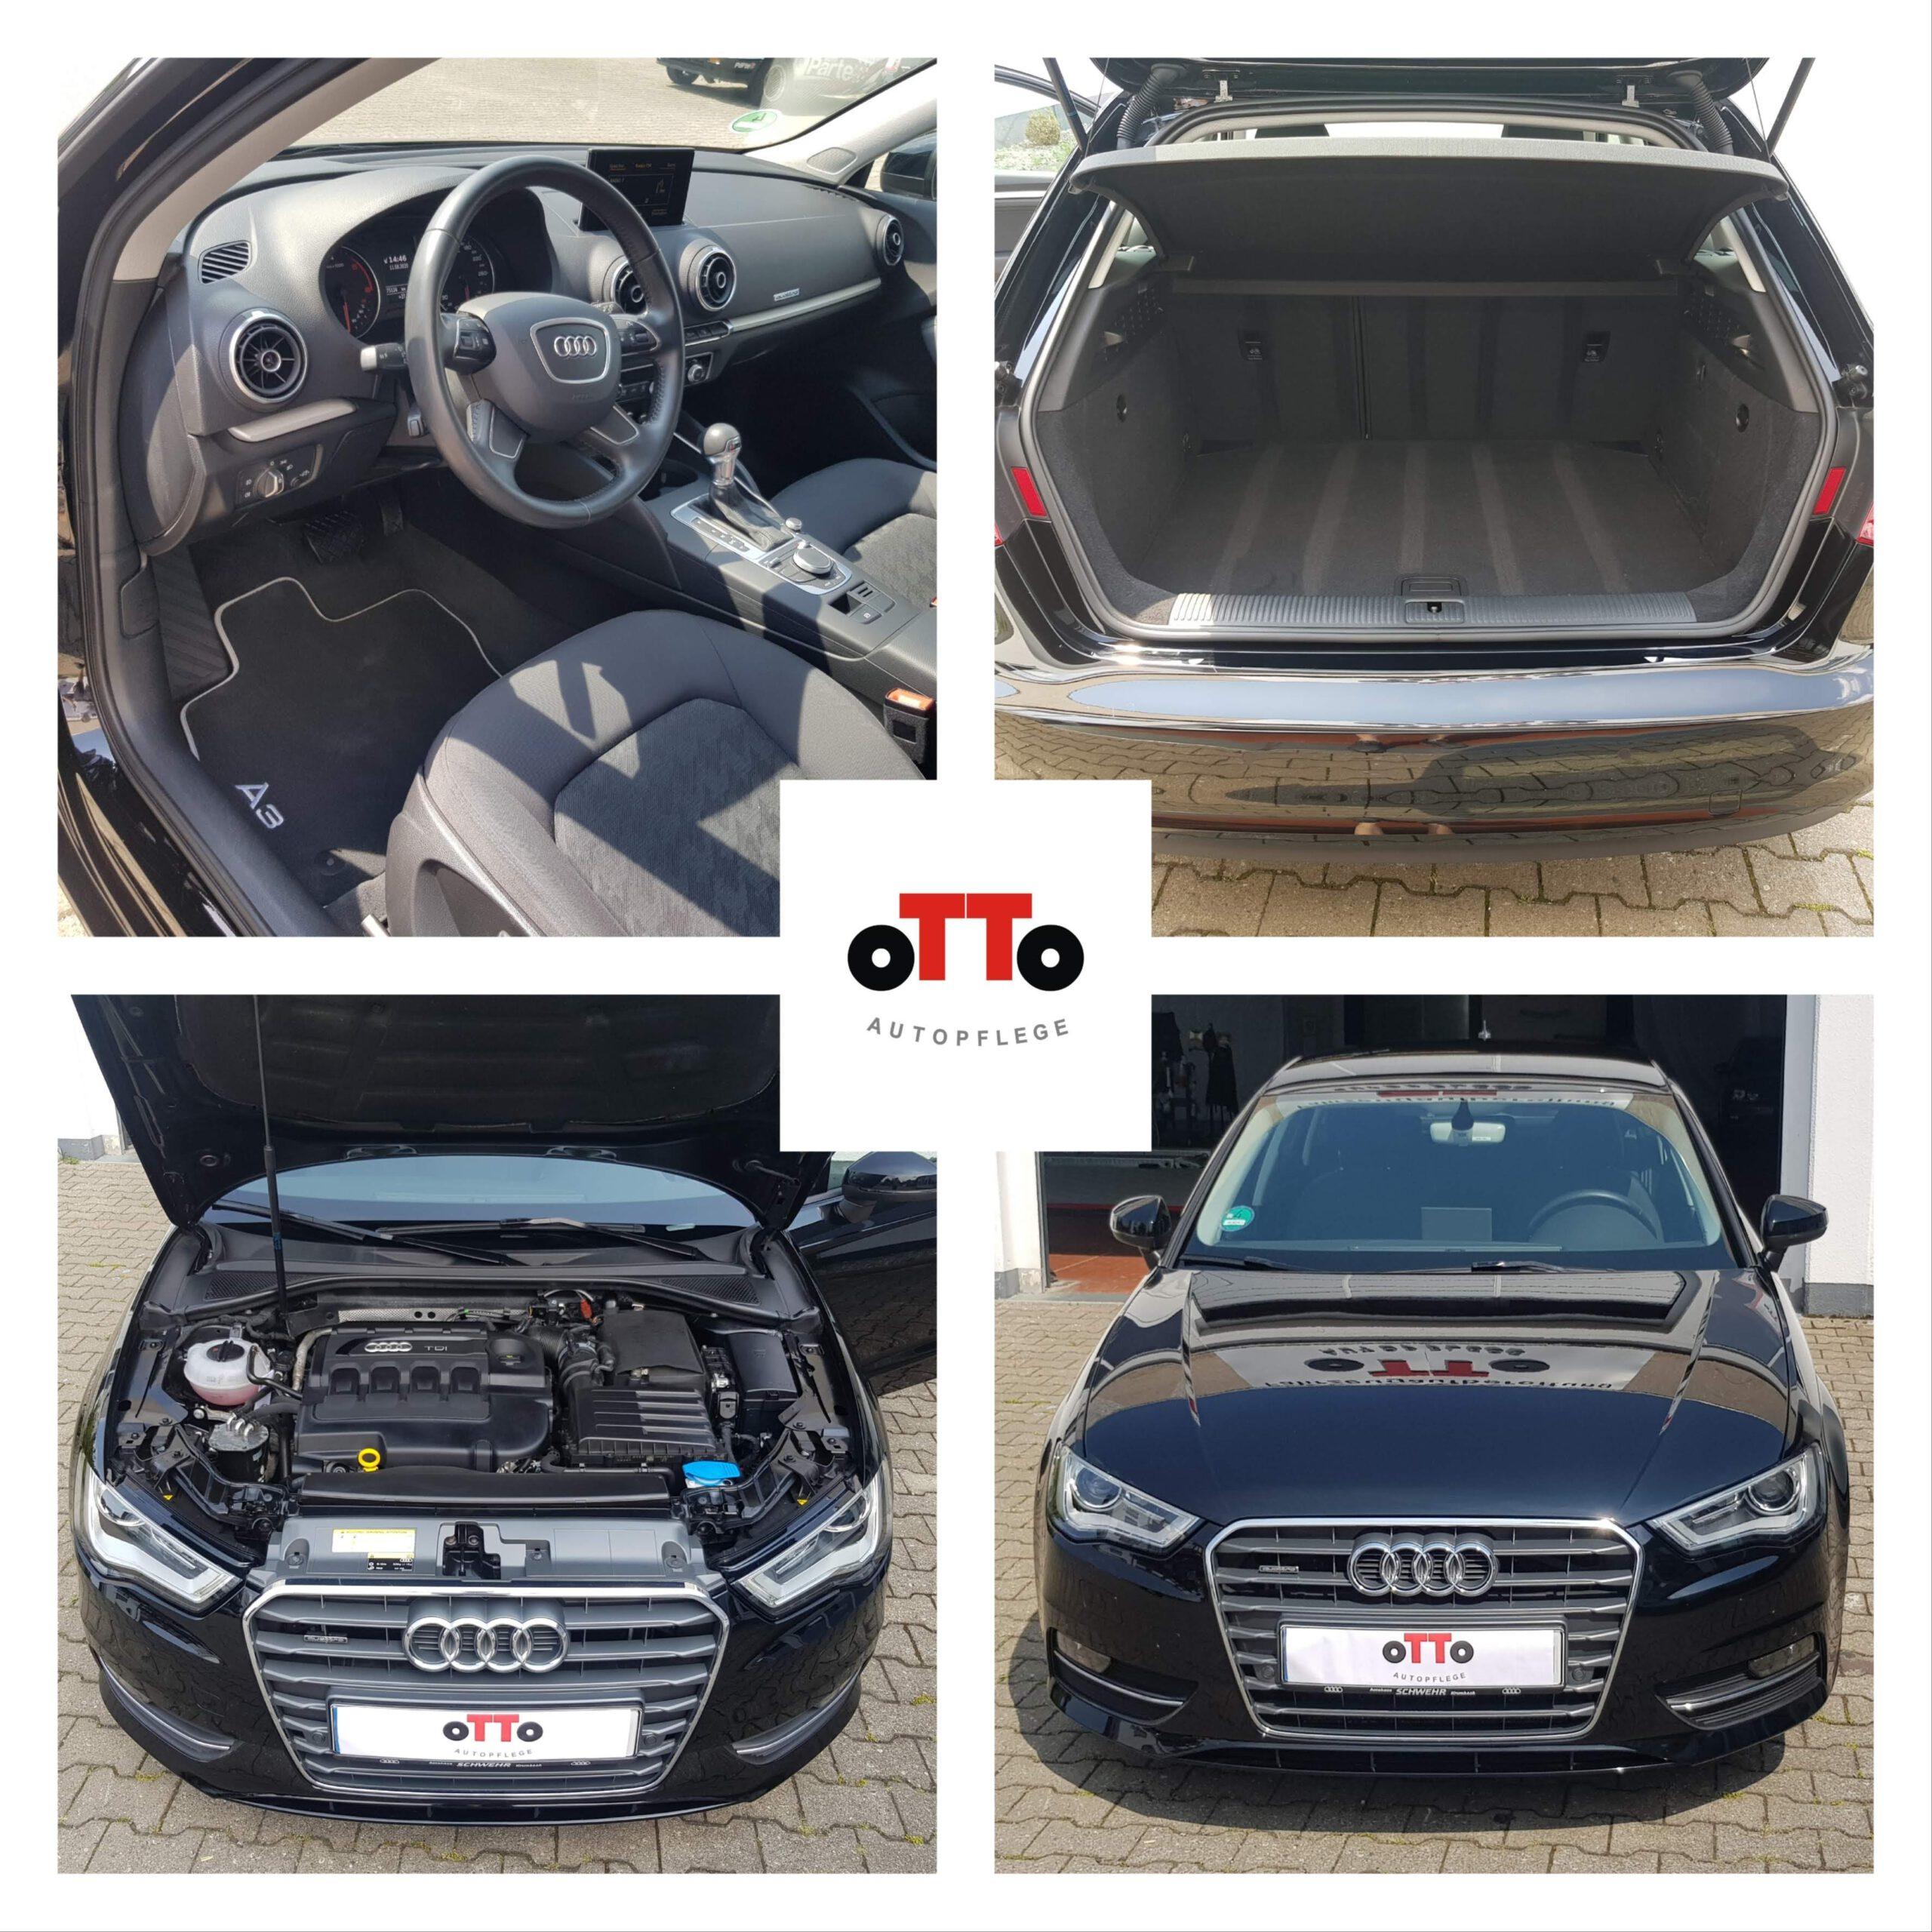 Audi Aufbereitung